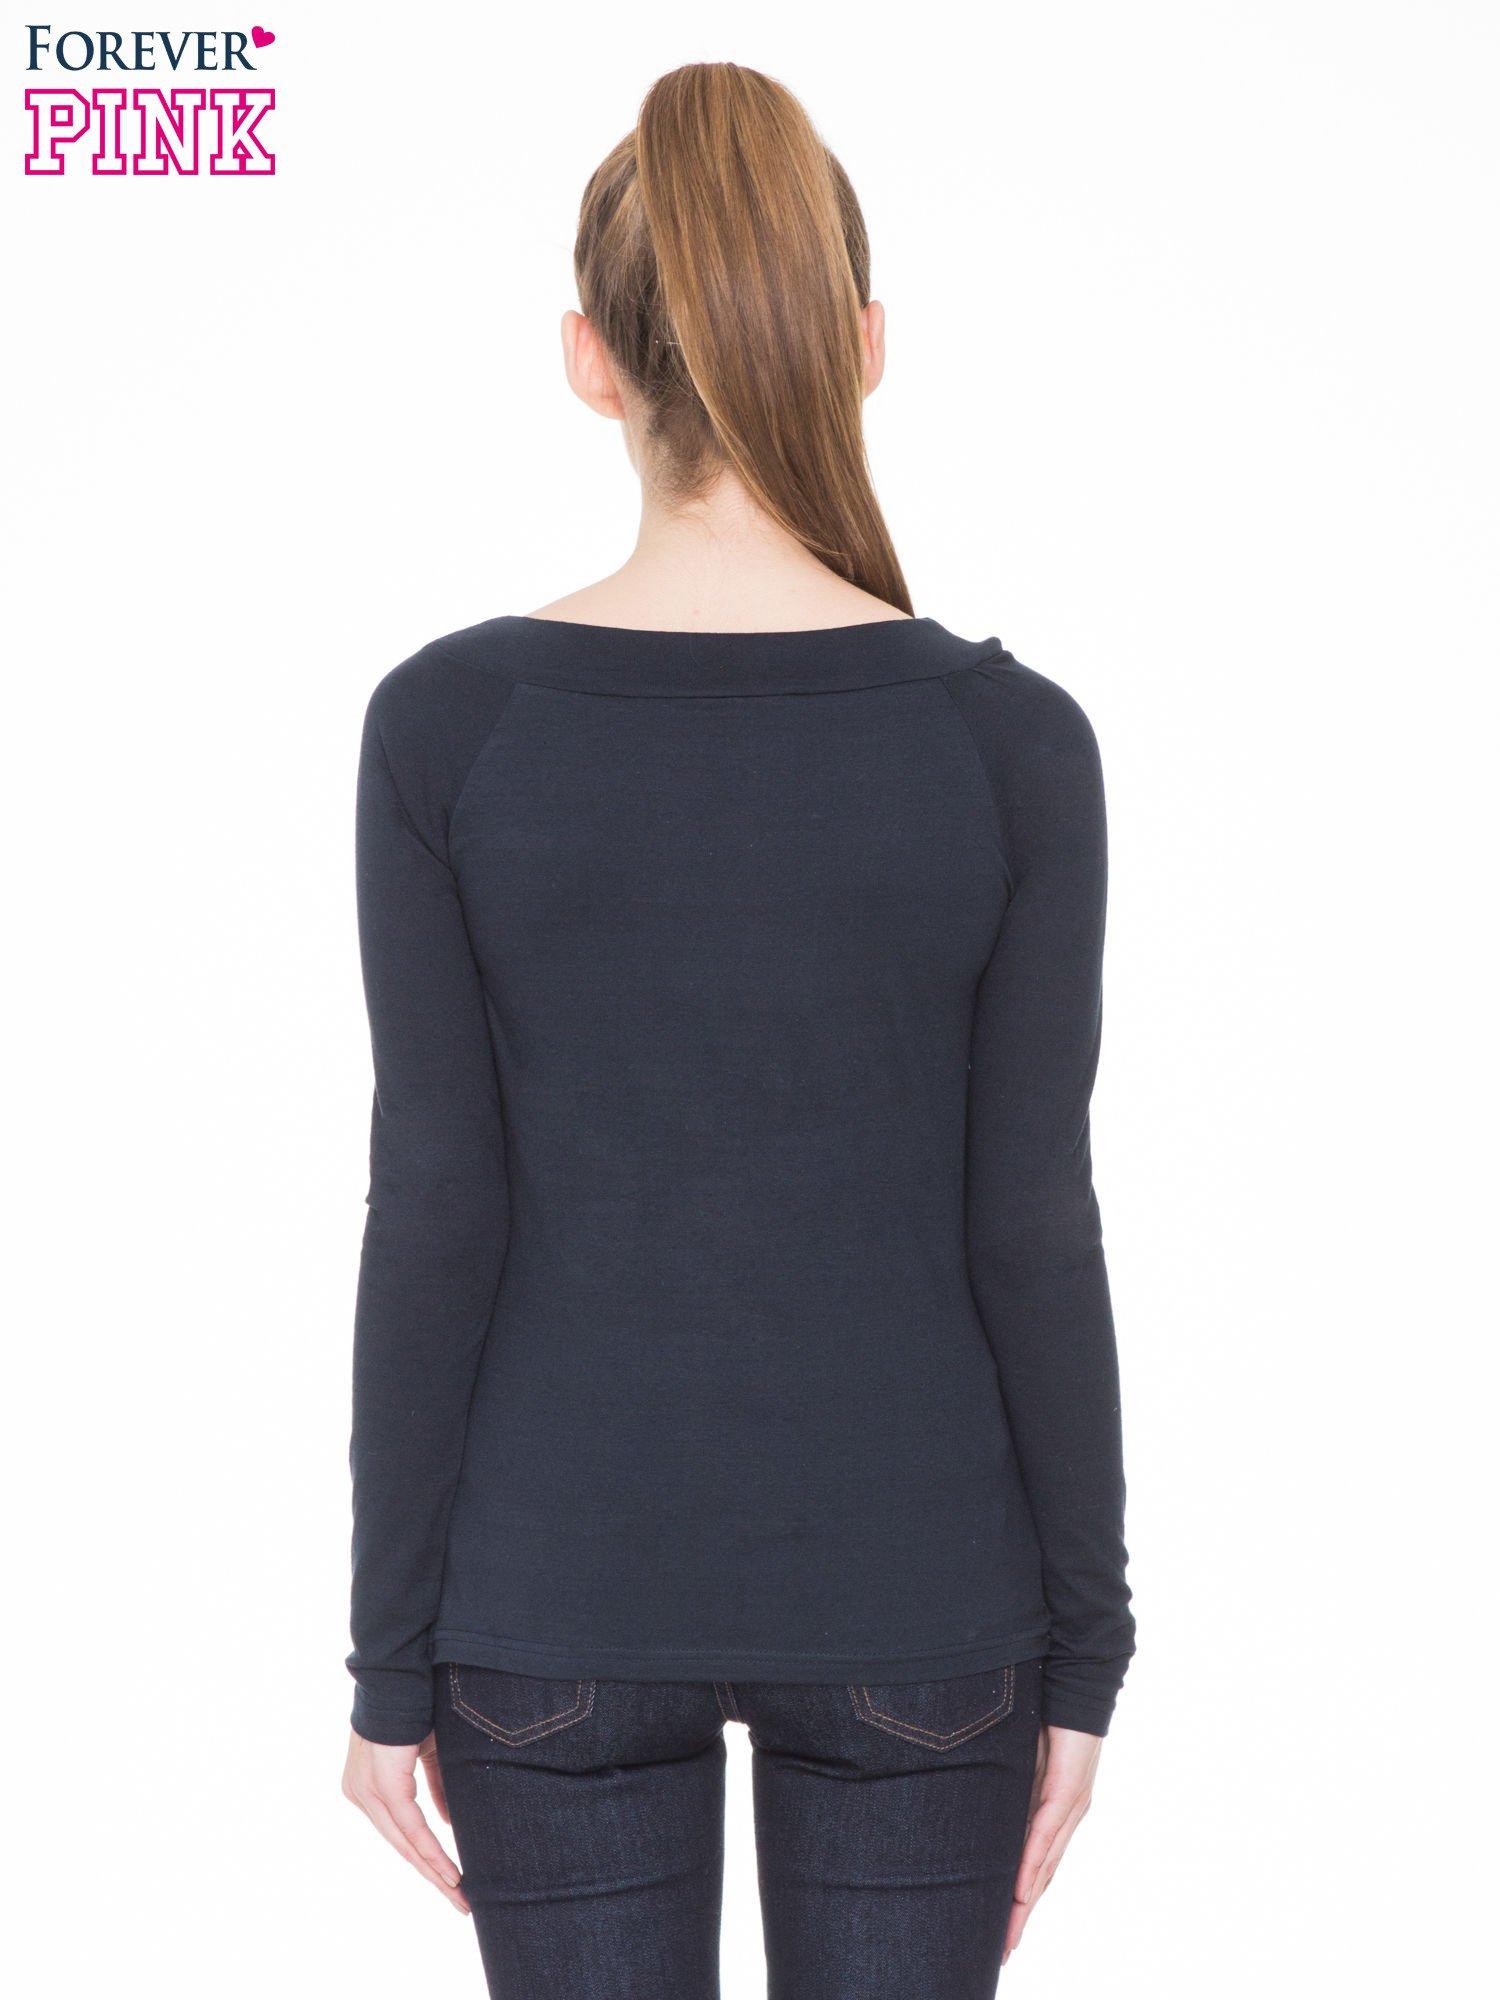 Ciemnogranatowa gładka bluzka z reglanowymi rękawami                                  zdj.                                  4